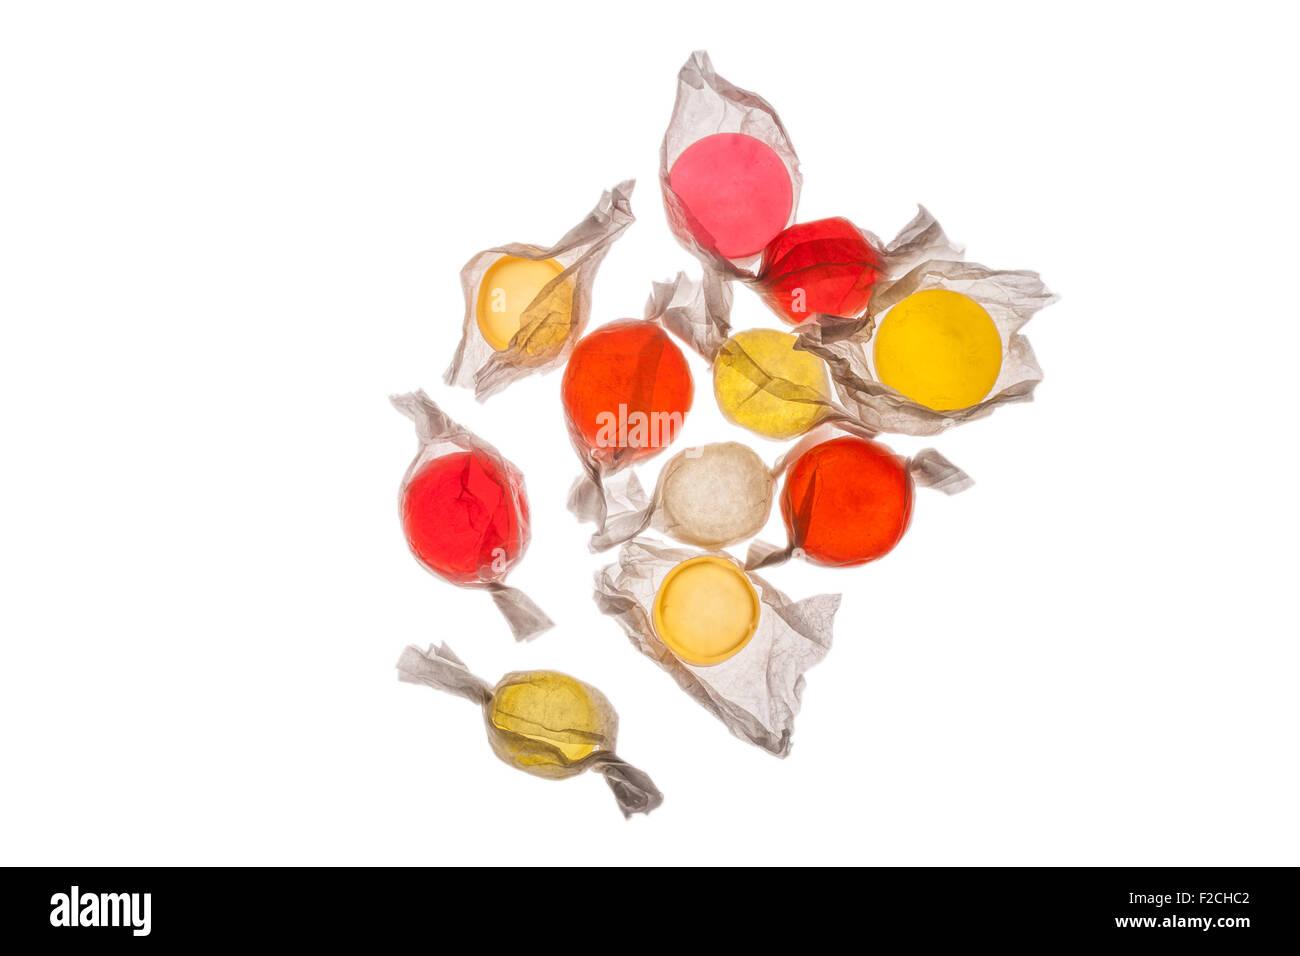 Vue supérieure de l'orange, jaune, rouge, rose bonbon dans enrubanneurs sur table lumineuse Photo Stock